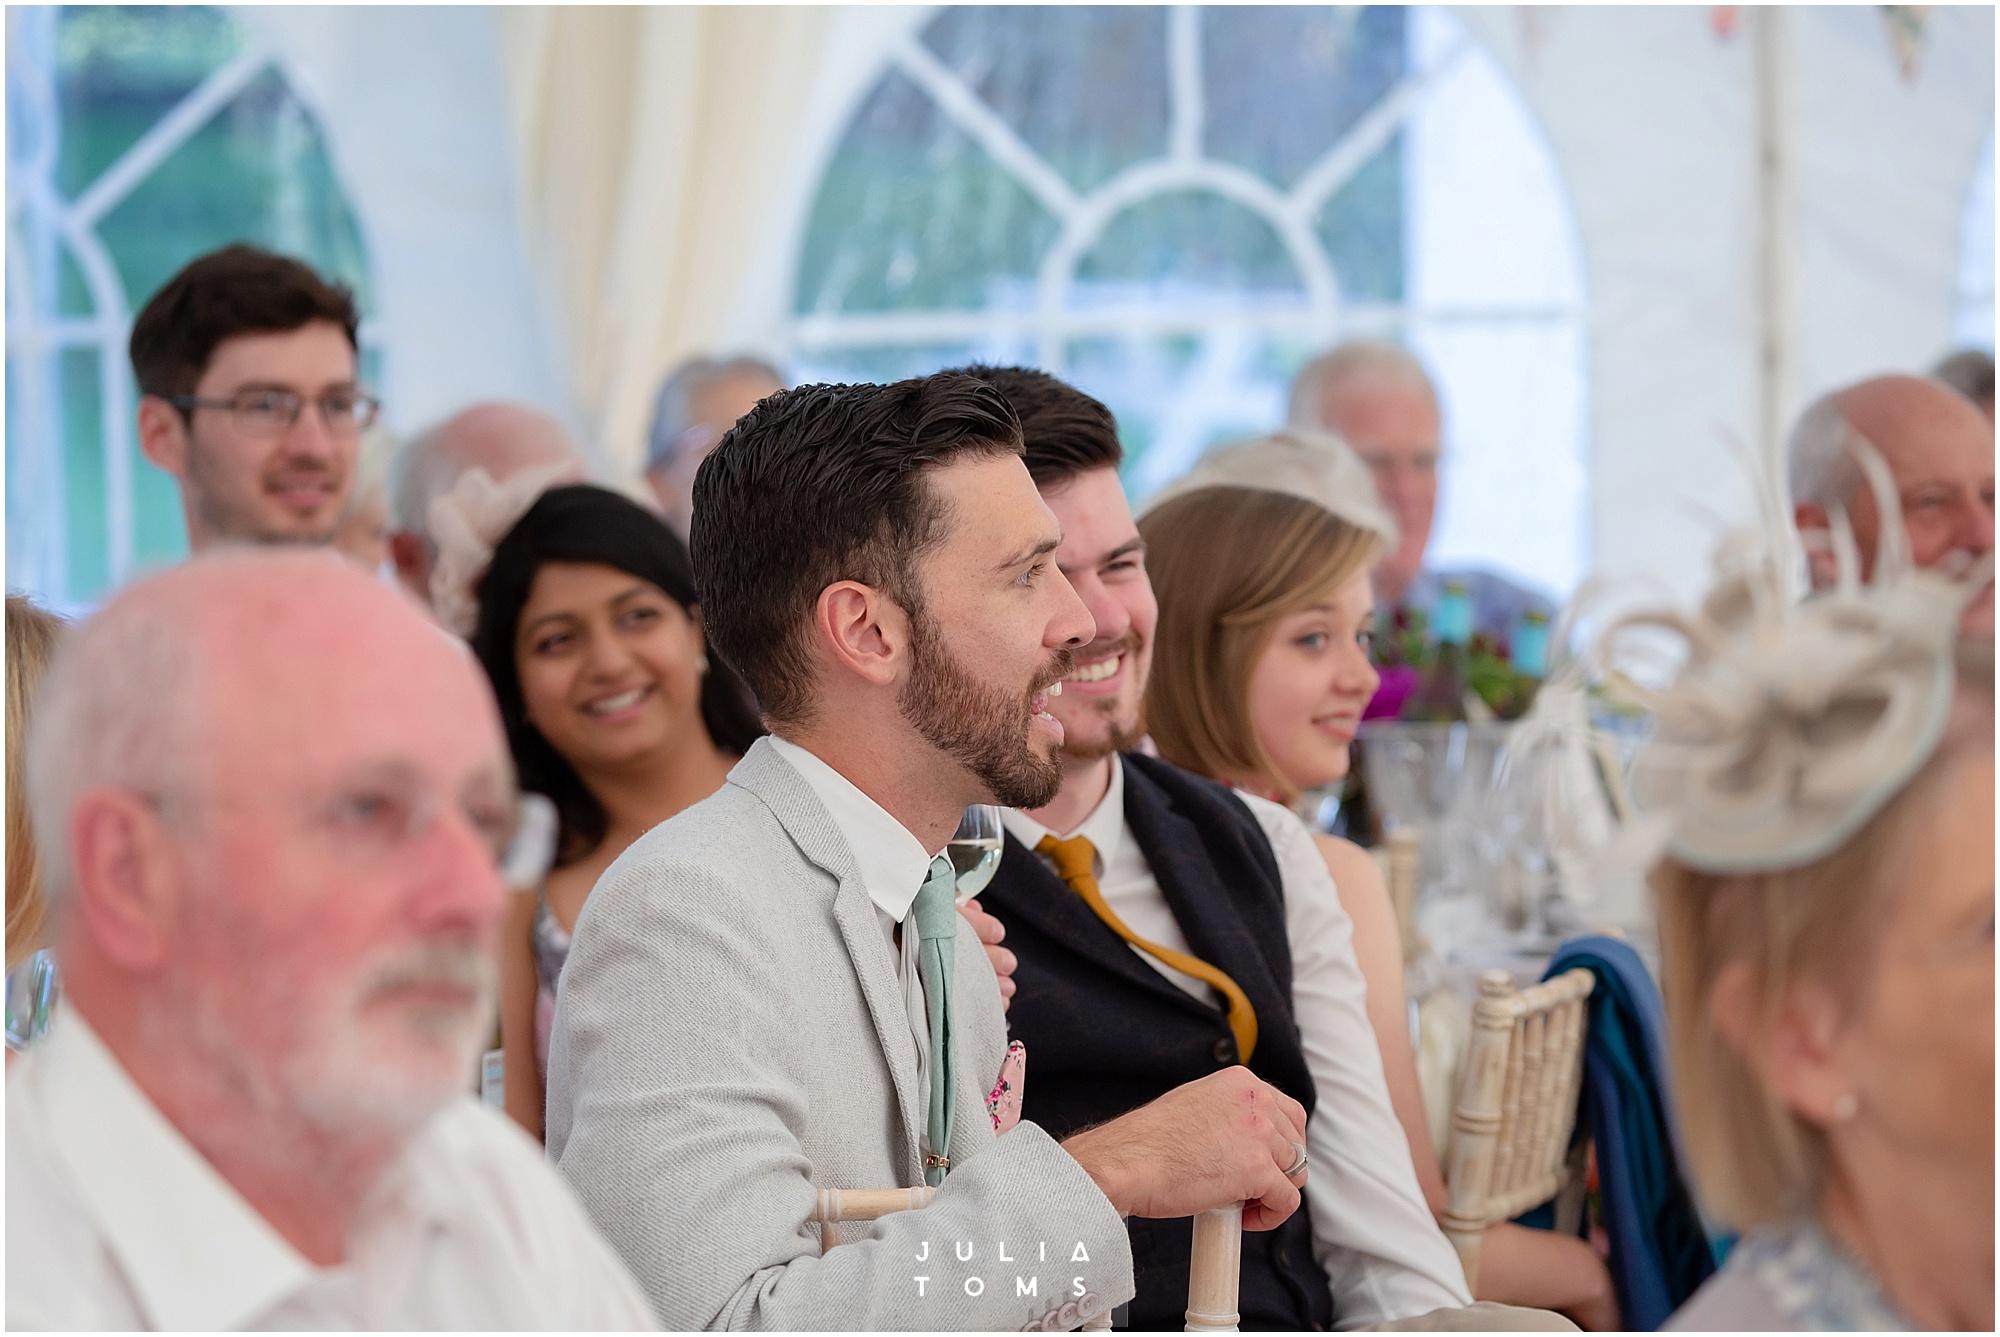 westsussex_wedding_photographer_westdean_128.jpg